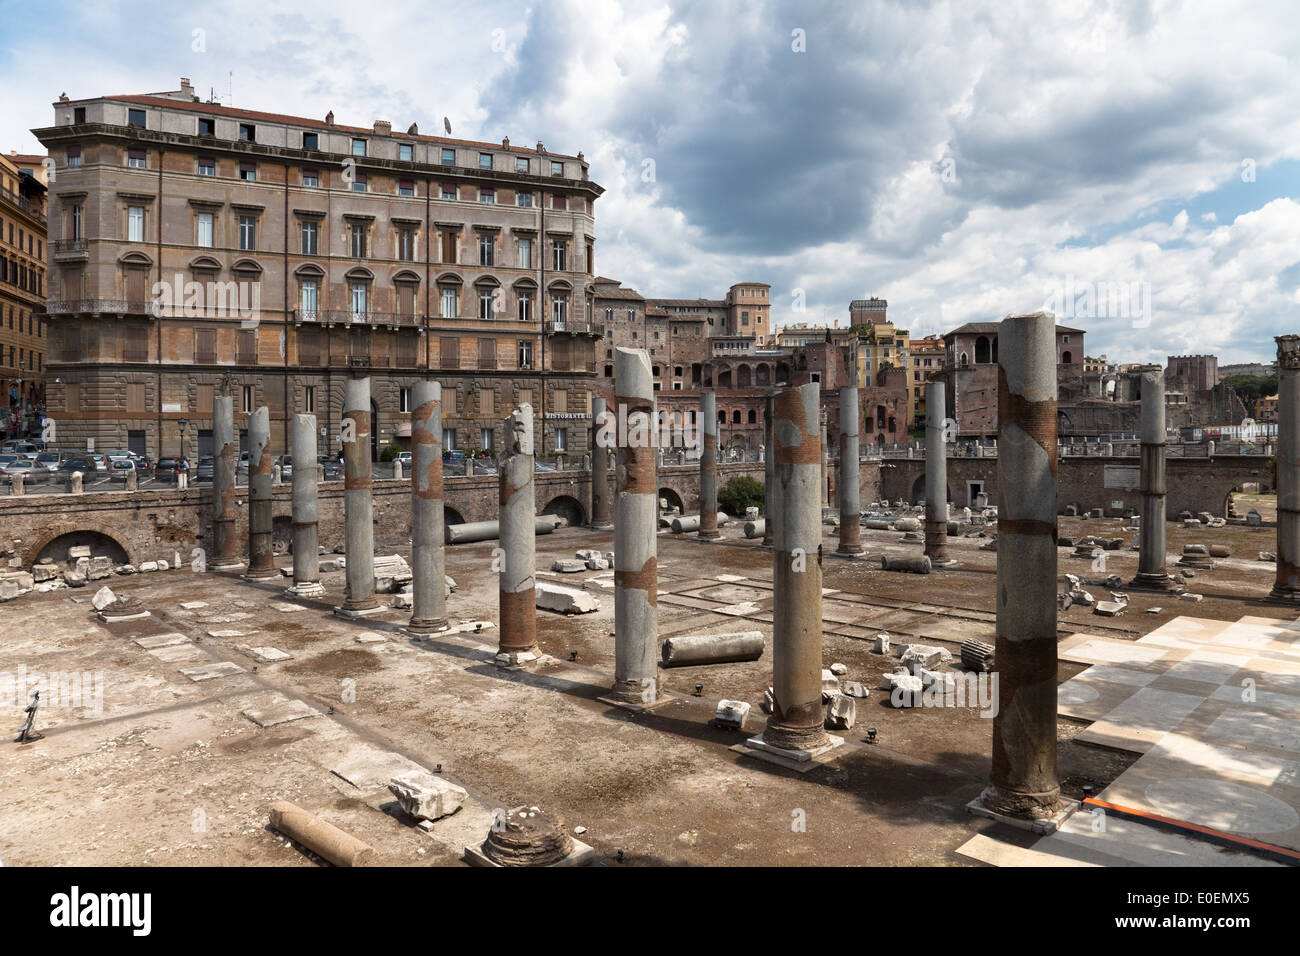 Forum Imperiali, Rom, Italien - Forum Imperiali, Rome, Italy - Stock Image